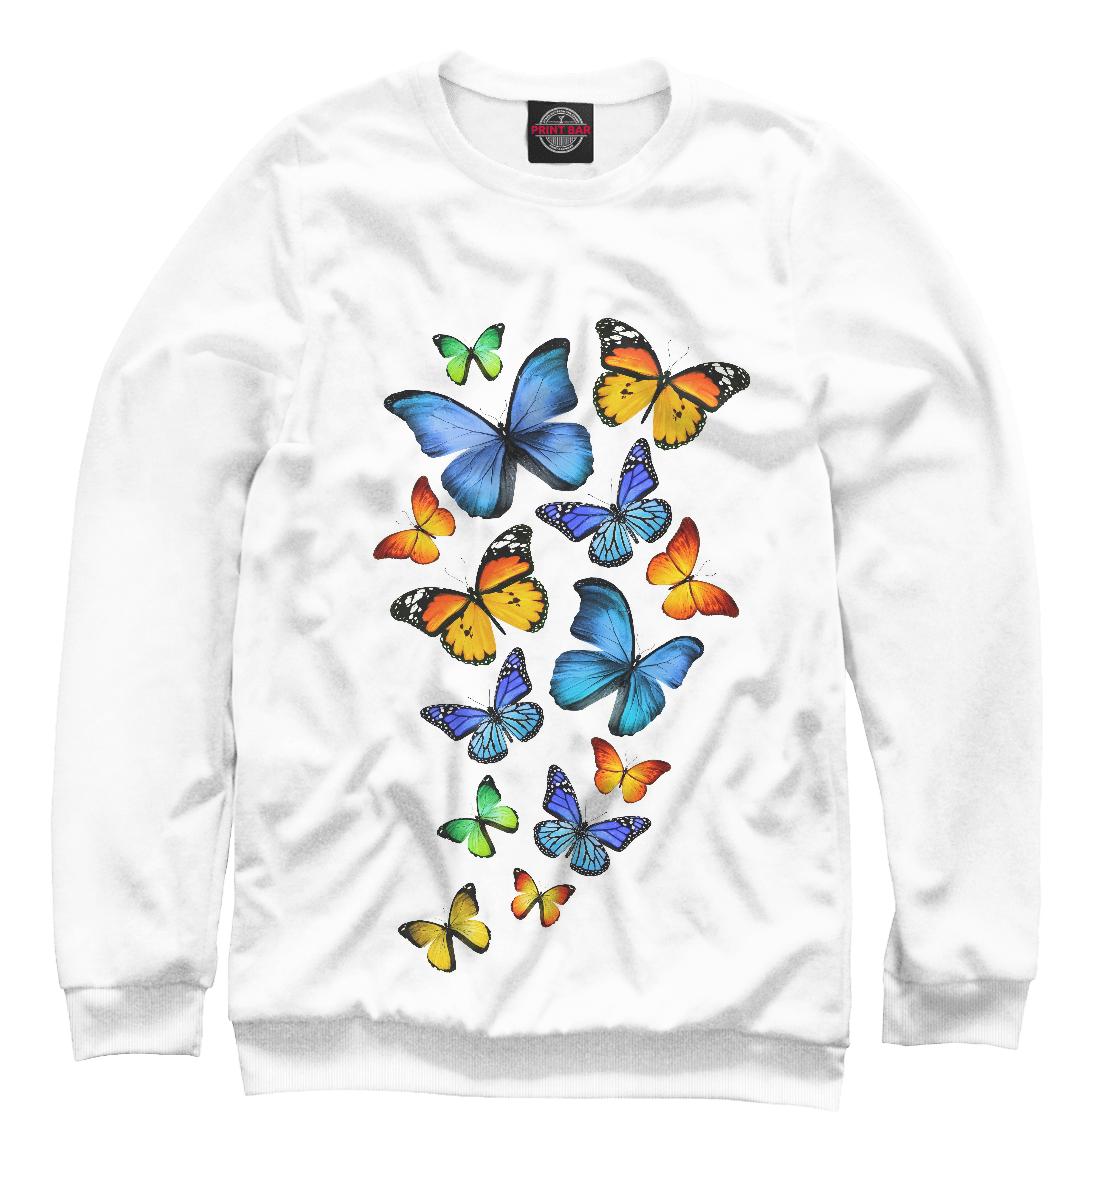 Купить Цветные бабочки, Printbar, Свитшоты, NAS-975057-swi-1